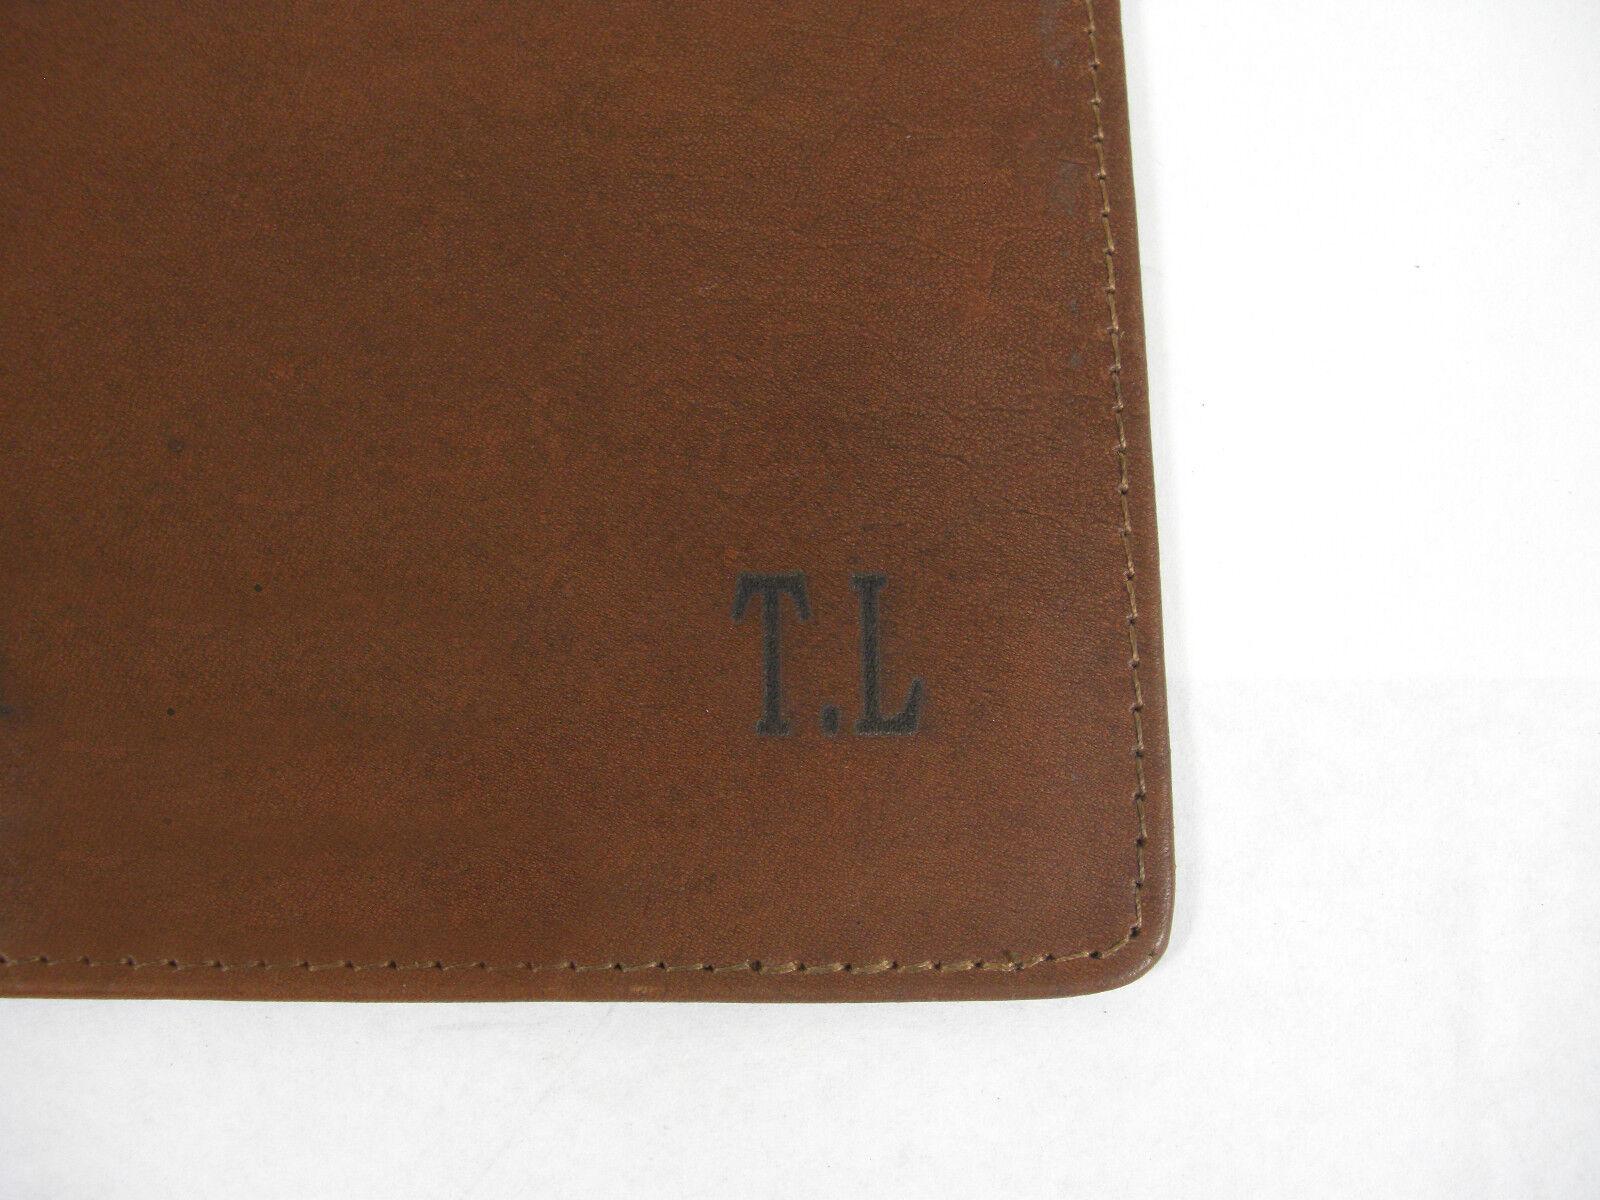 Cuir véritable souris Tapis / Coussin avec avec Coussin option pour initiales ou nom gravé dans cuir 5c6089